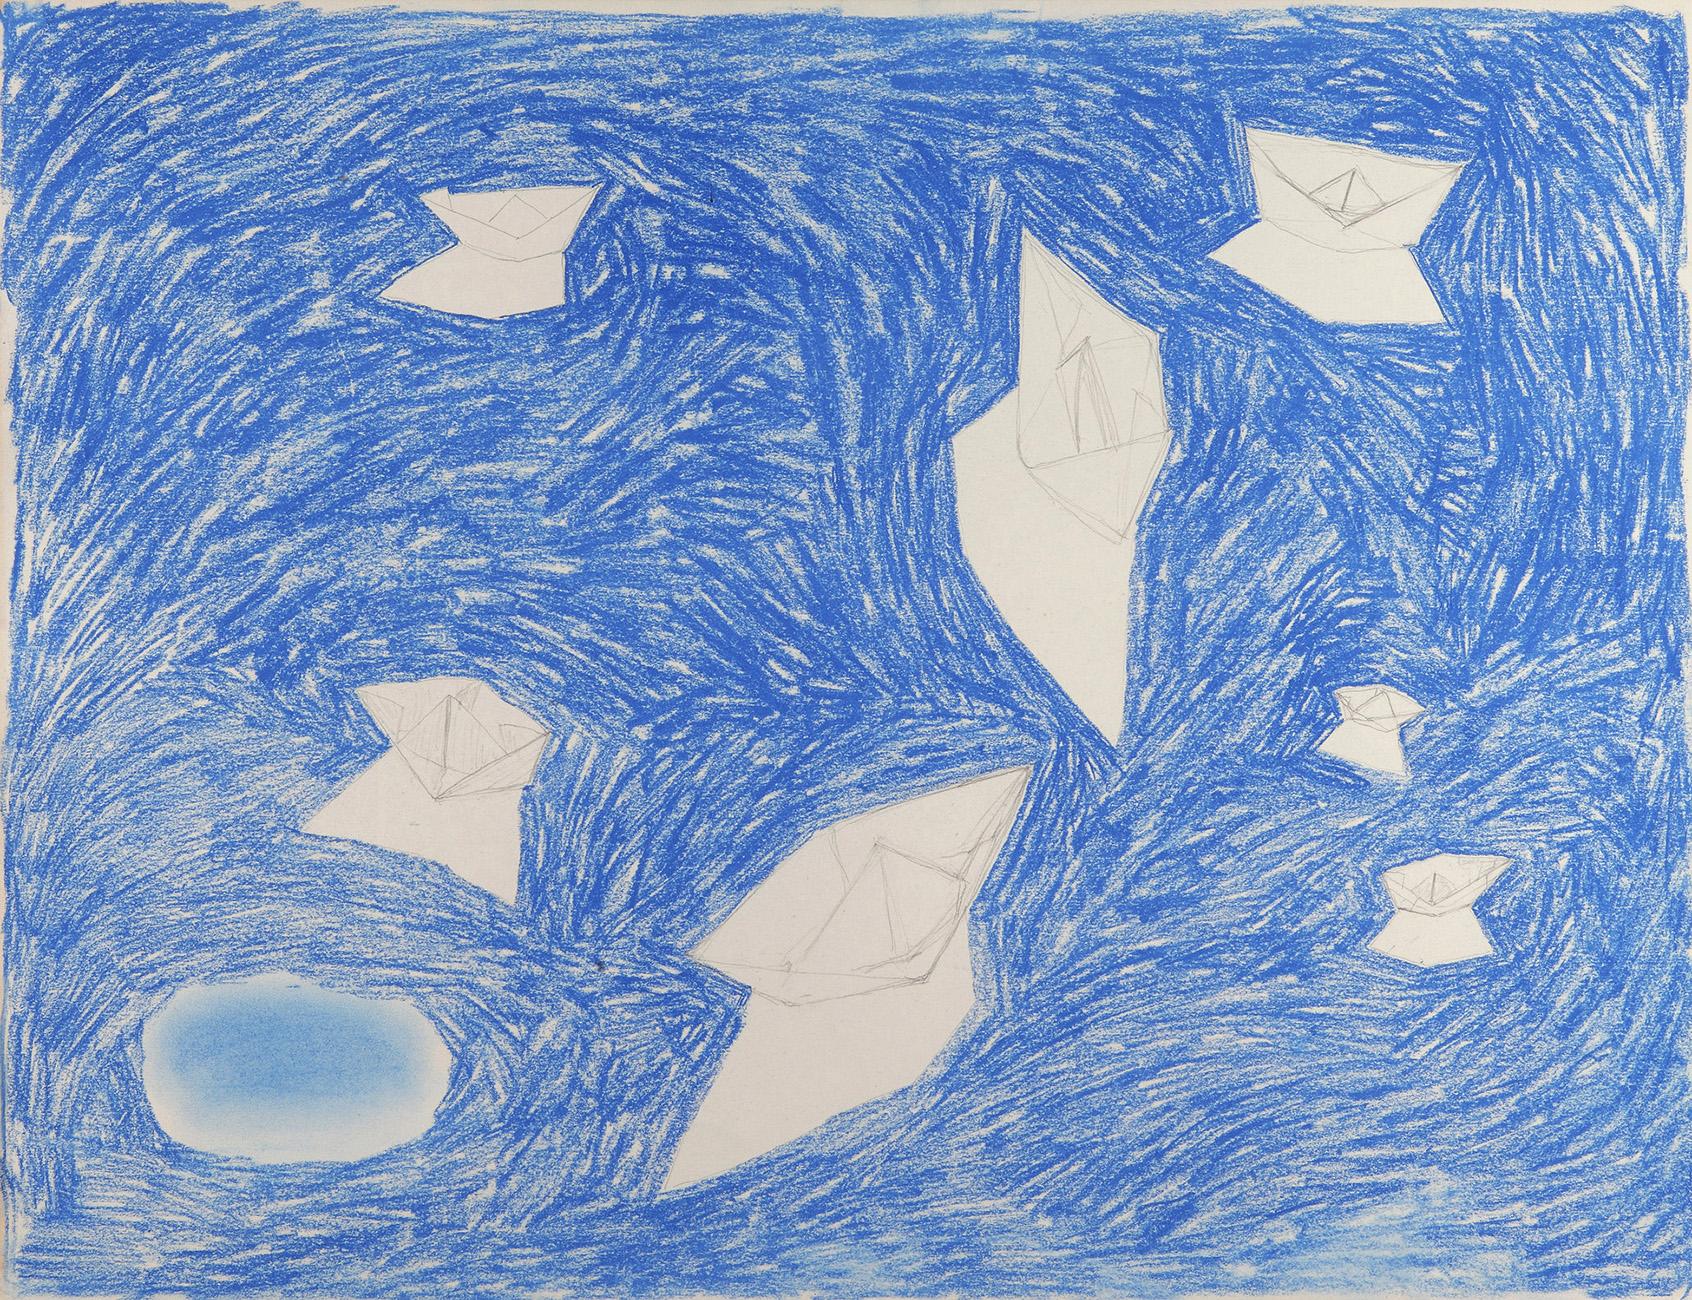 Geen titel 2 -  potlood & pastelkrijt  -  50x70 cm - €450